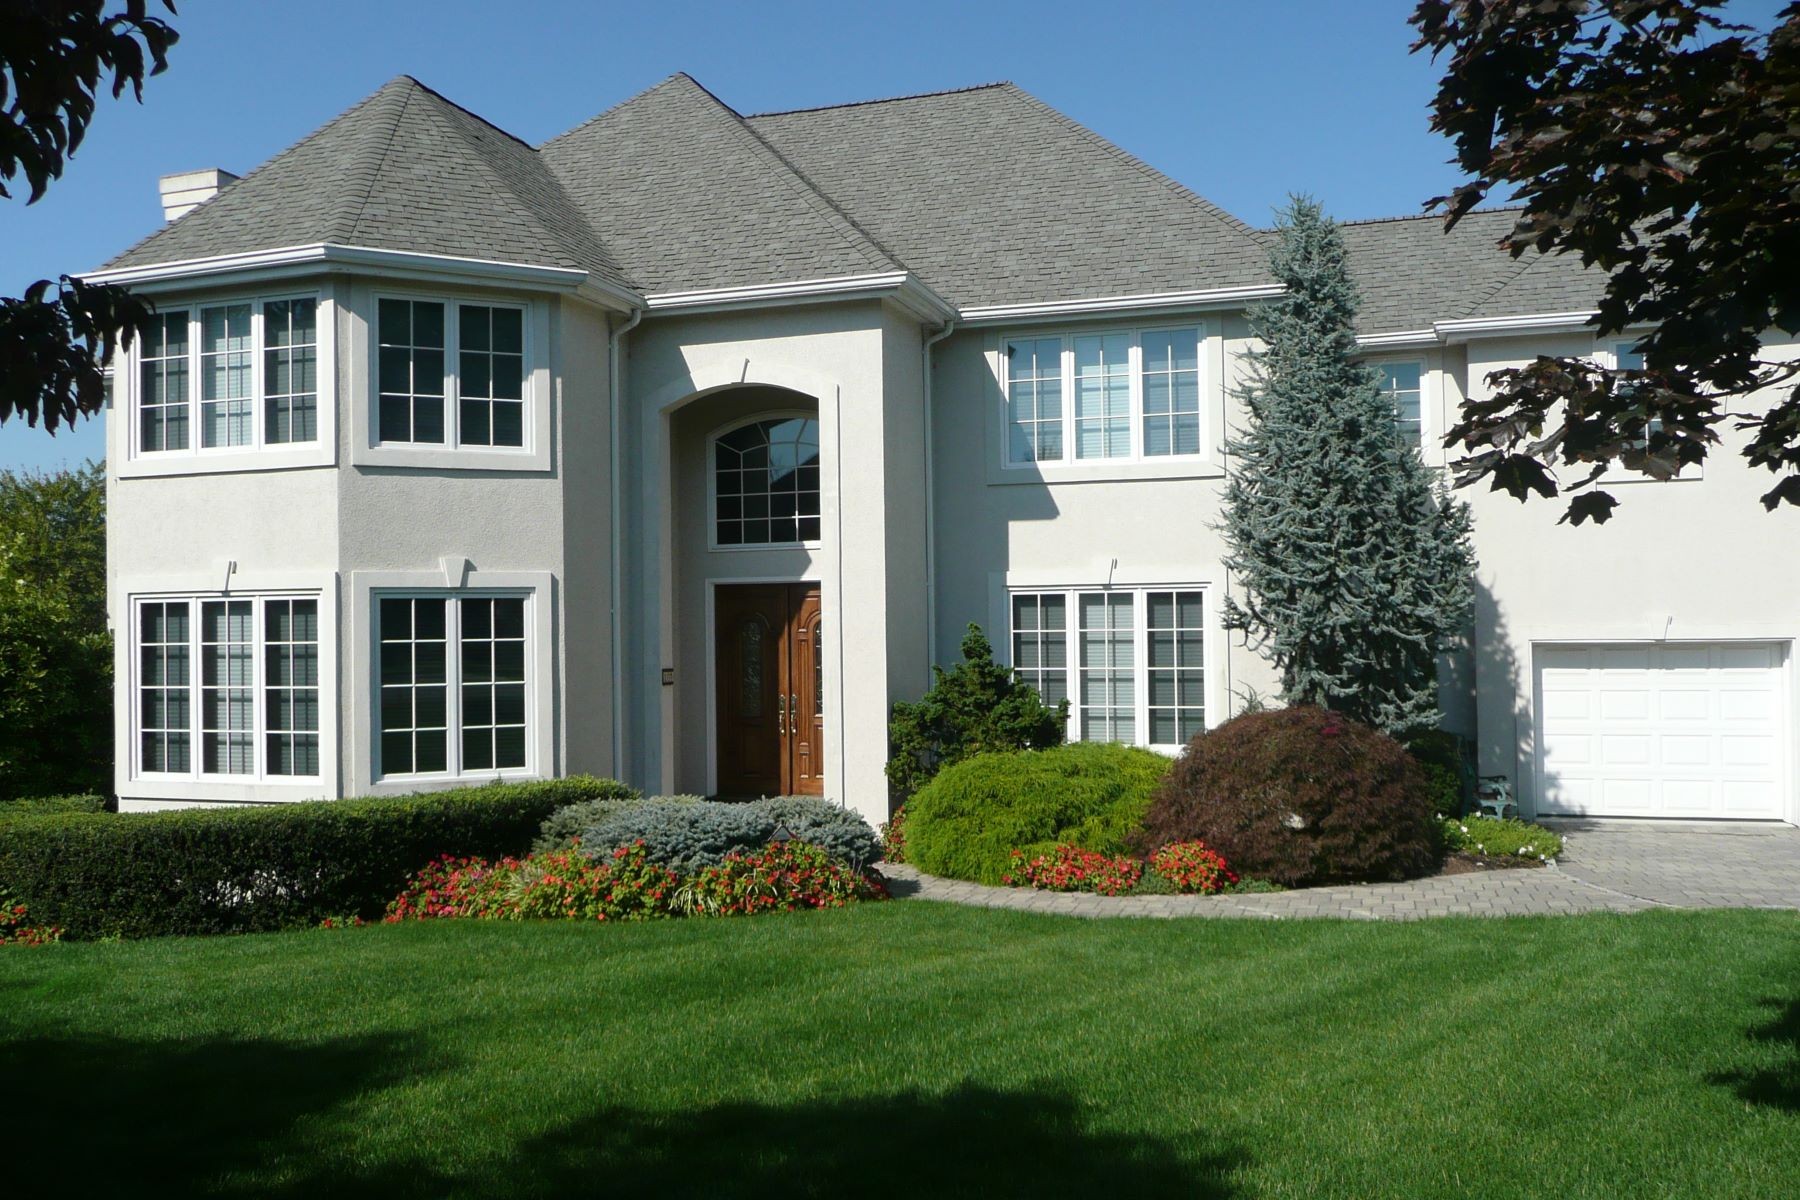 Μονοκατοικία για την Πώληση στο Modern & Classic 10 Blackledge Ct Closter, Νιου Τζερσεϋ 07626 Ηνωμενεσ Πολιτειεσ